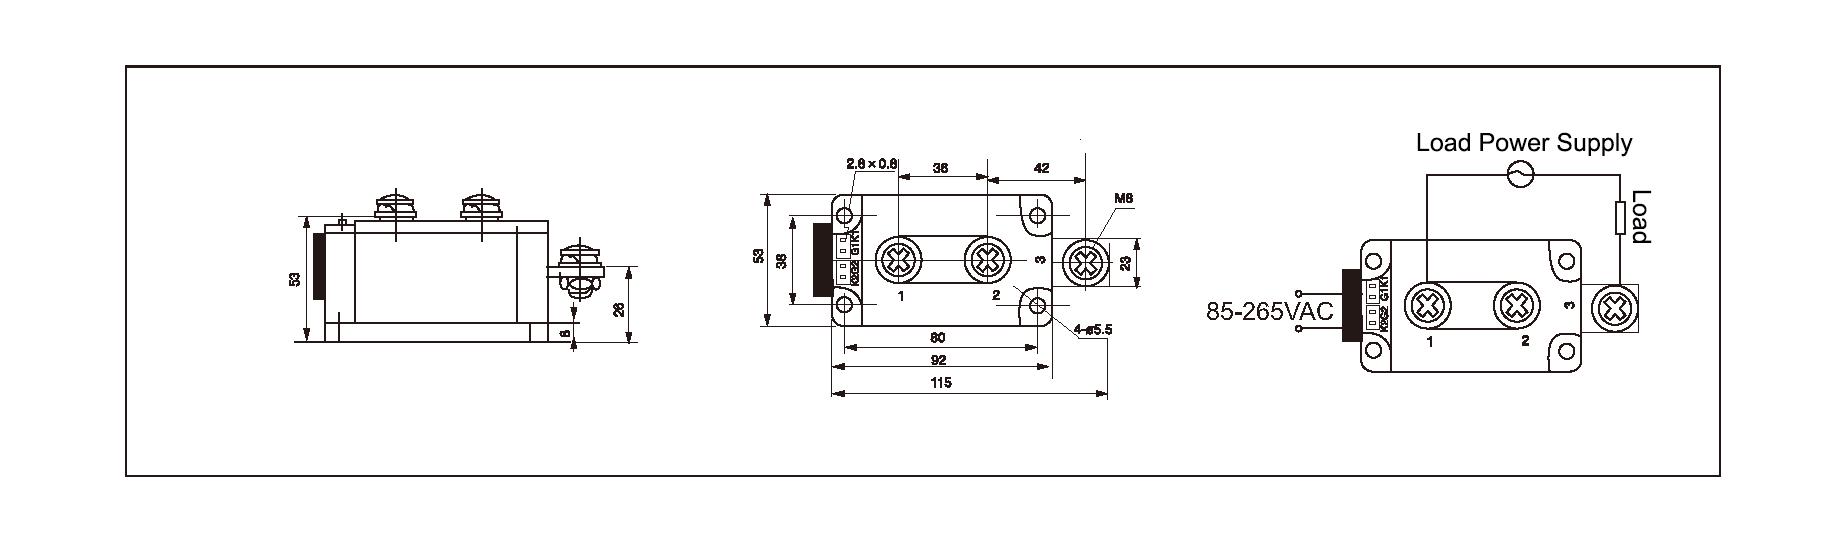 MGR-AH3400Z Huimu diagram